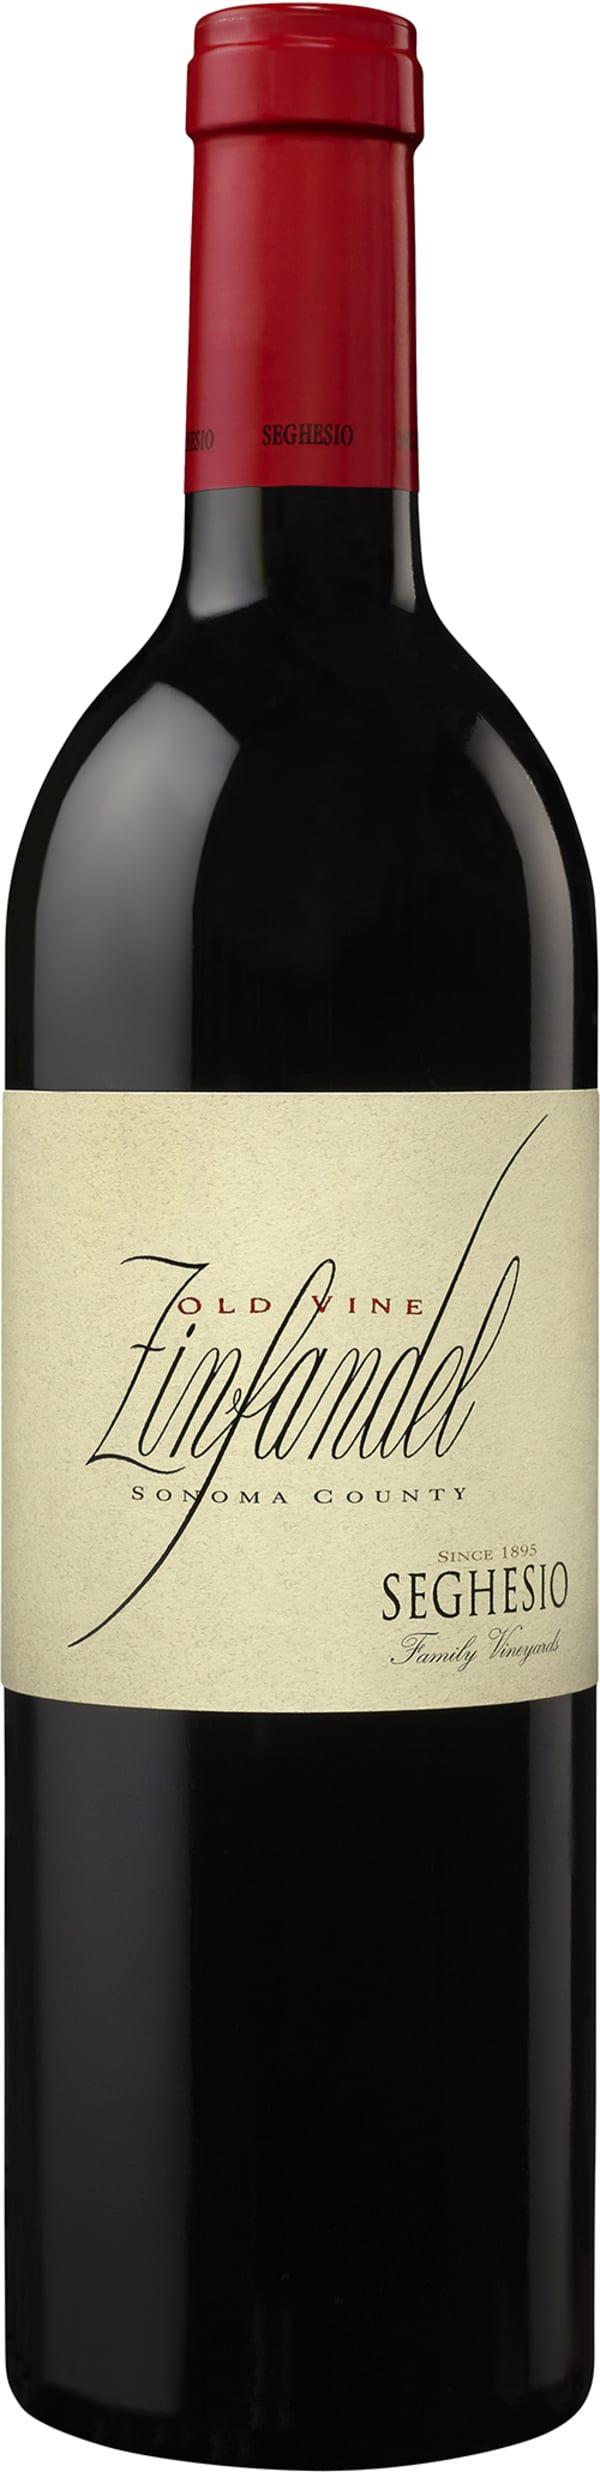 Old Vine Zinfandel 2011